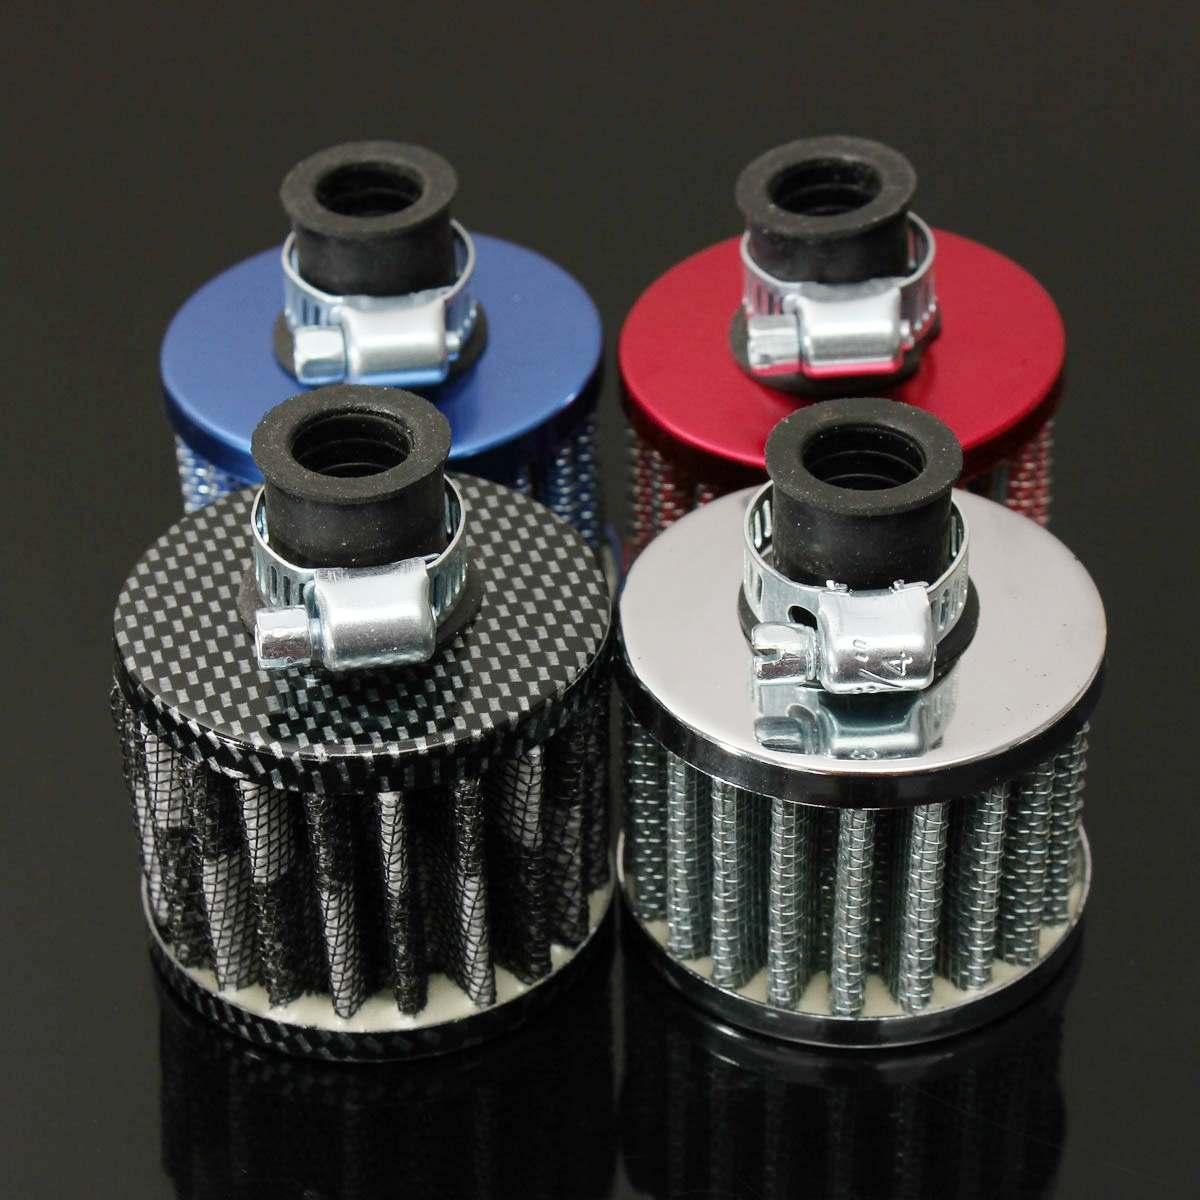 Universal 12mm Hohe Qualität Durable Motor Öl Cold Air Intake Filter Kit Kurbel Fall Vent Abdeckung Verschnaufpause